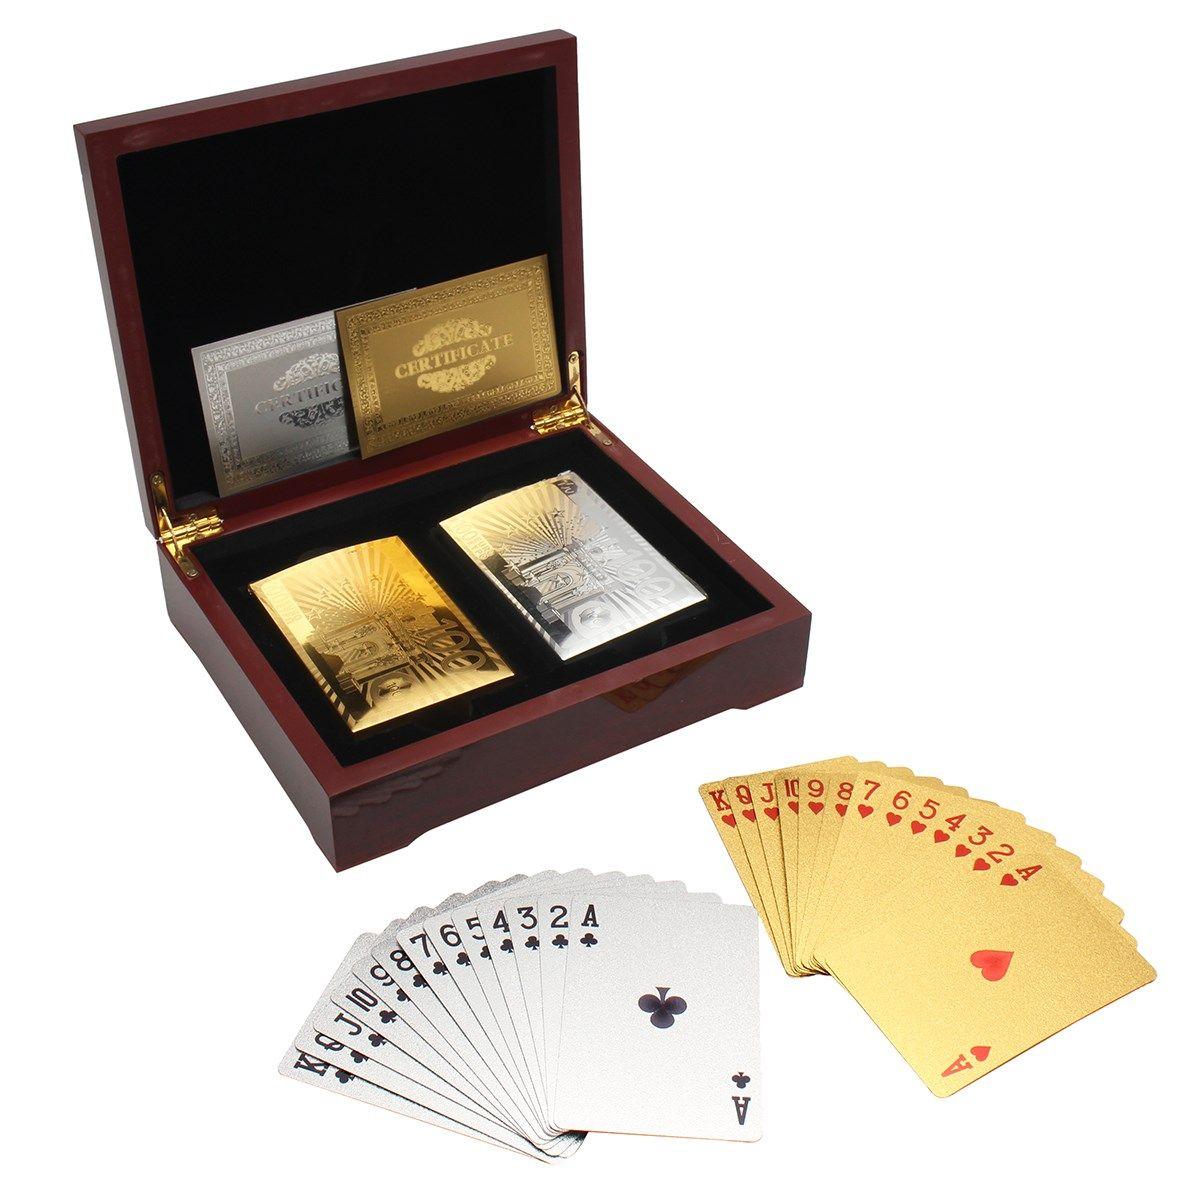 Новое поступление Карточные игры с коричневым коллекция покер деревянный ящик set Золото и серебро Цвета Best подарочный набор для карты плеер